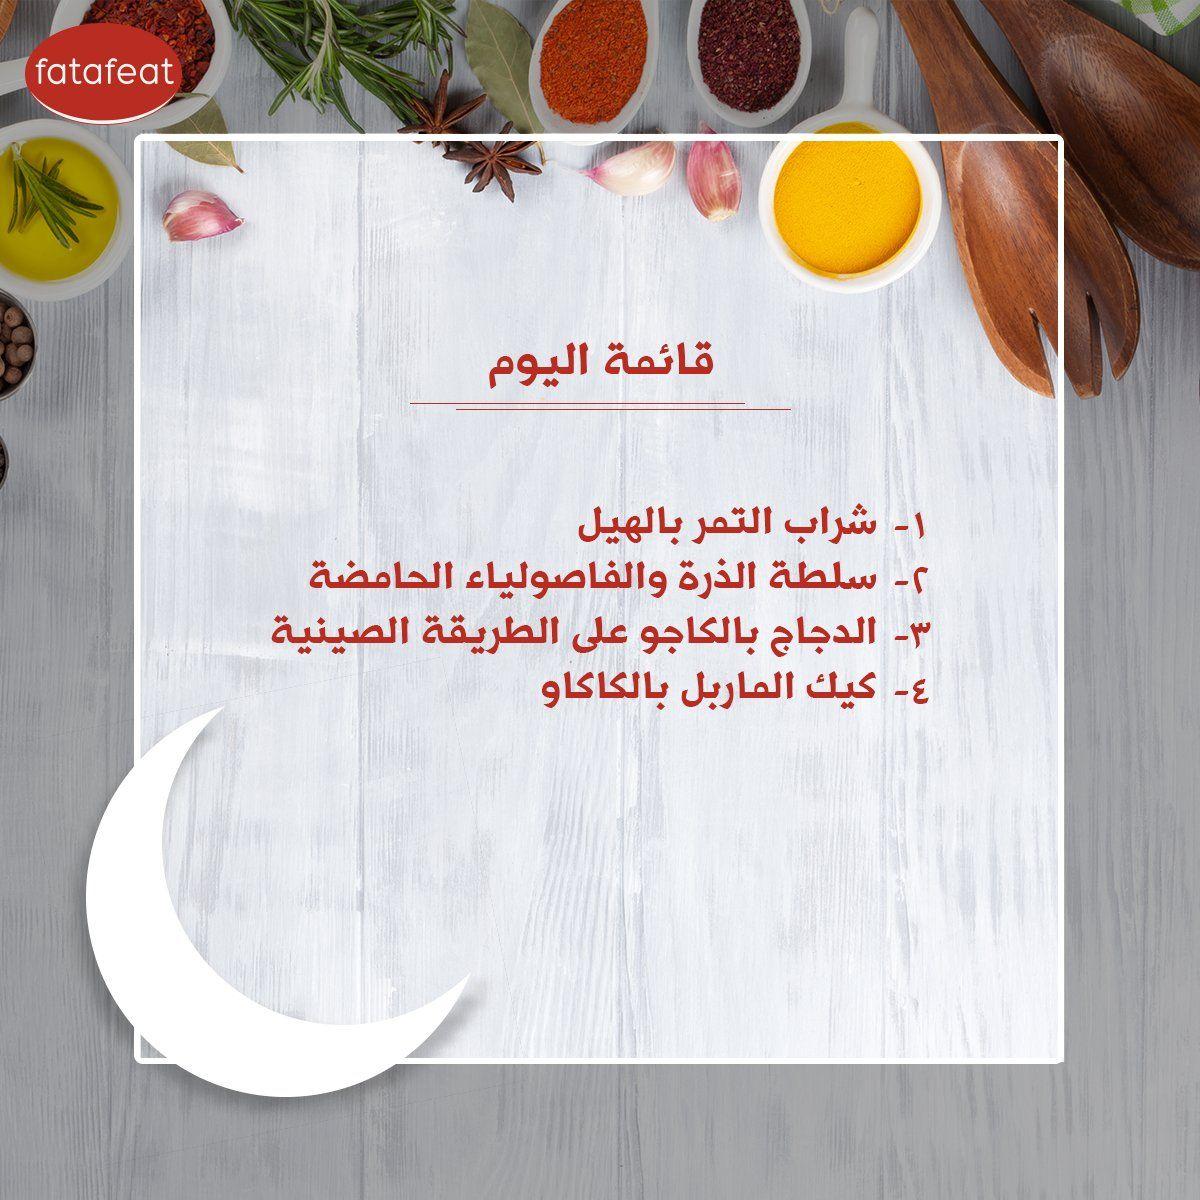 فتافيت منيو اليوم متكامل الأركان يجمع بين القيمة الغذائية والطعم الشهي فتافيت الحياة حلوة فتافيت رمضان رمضان أكلات وصفات أ Fatafeat Novelty Sign Novelty